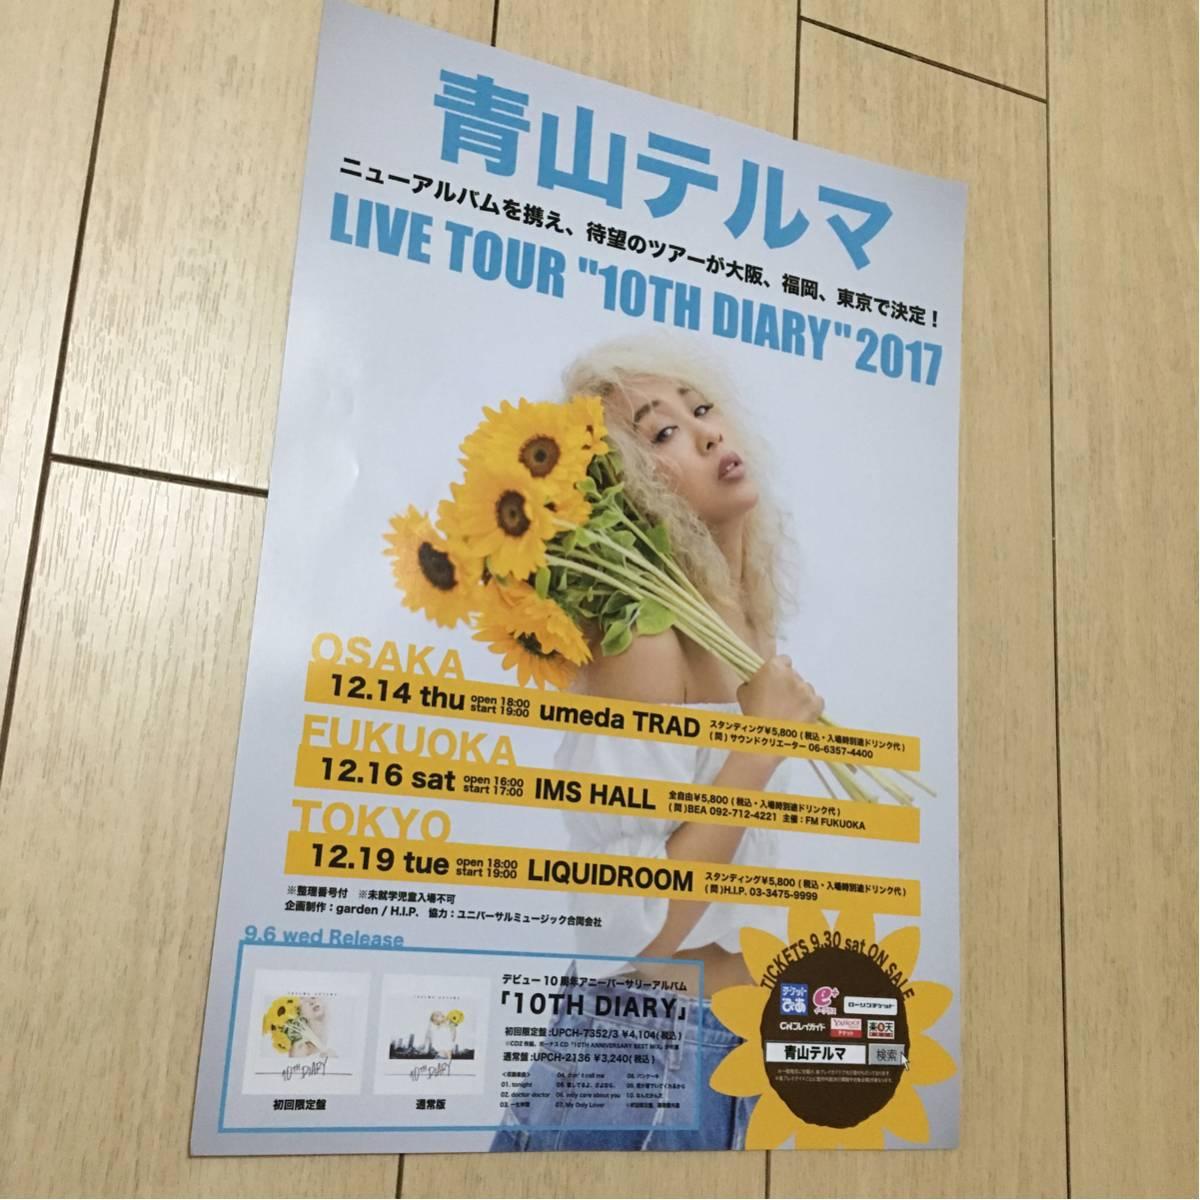 青山テルマ ライブ 告知 チラシ live tour 10th diary 2017 ニュー アルバム 告知 大阪 福岡 東京